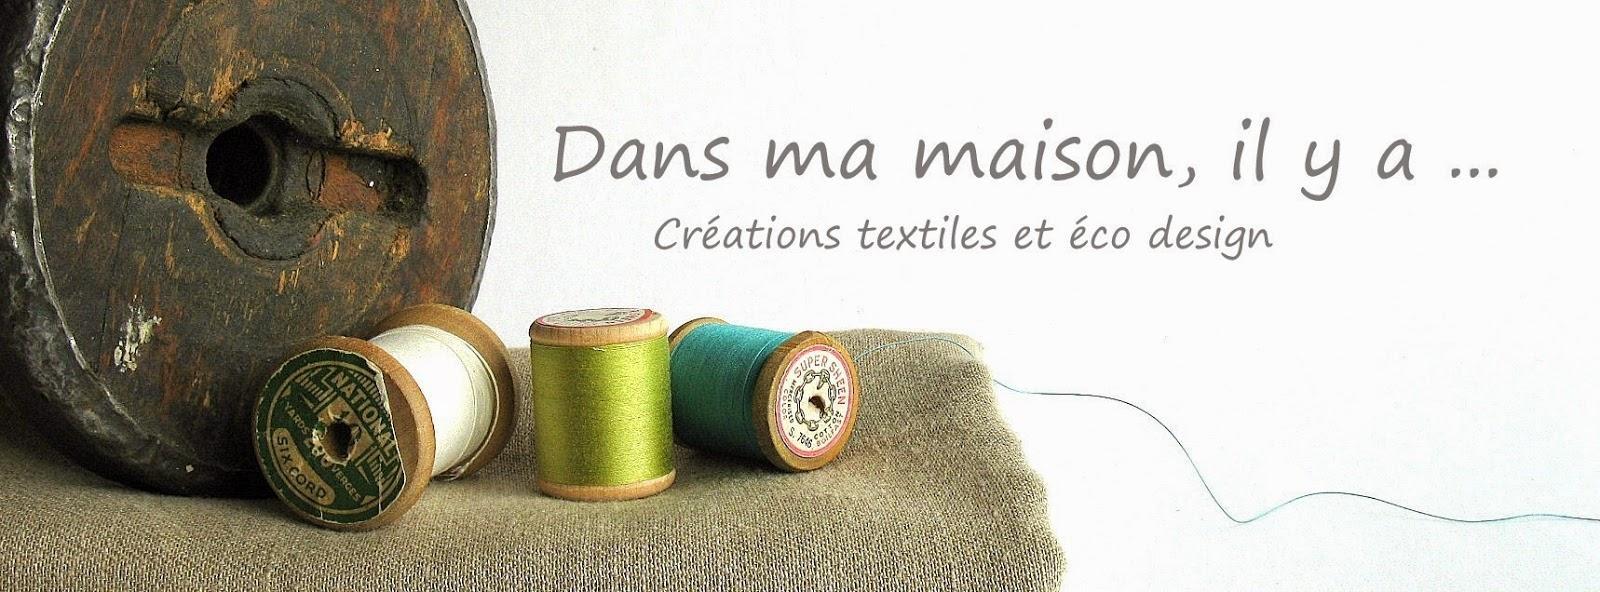 http://dansmamaisonilyaboutique.blogspot.ca/